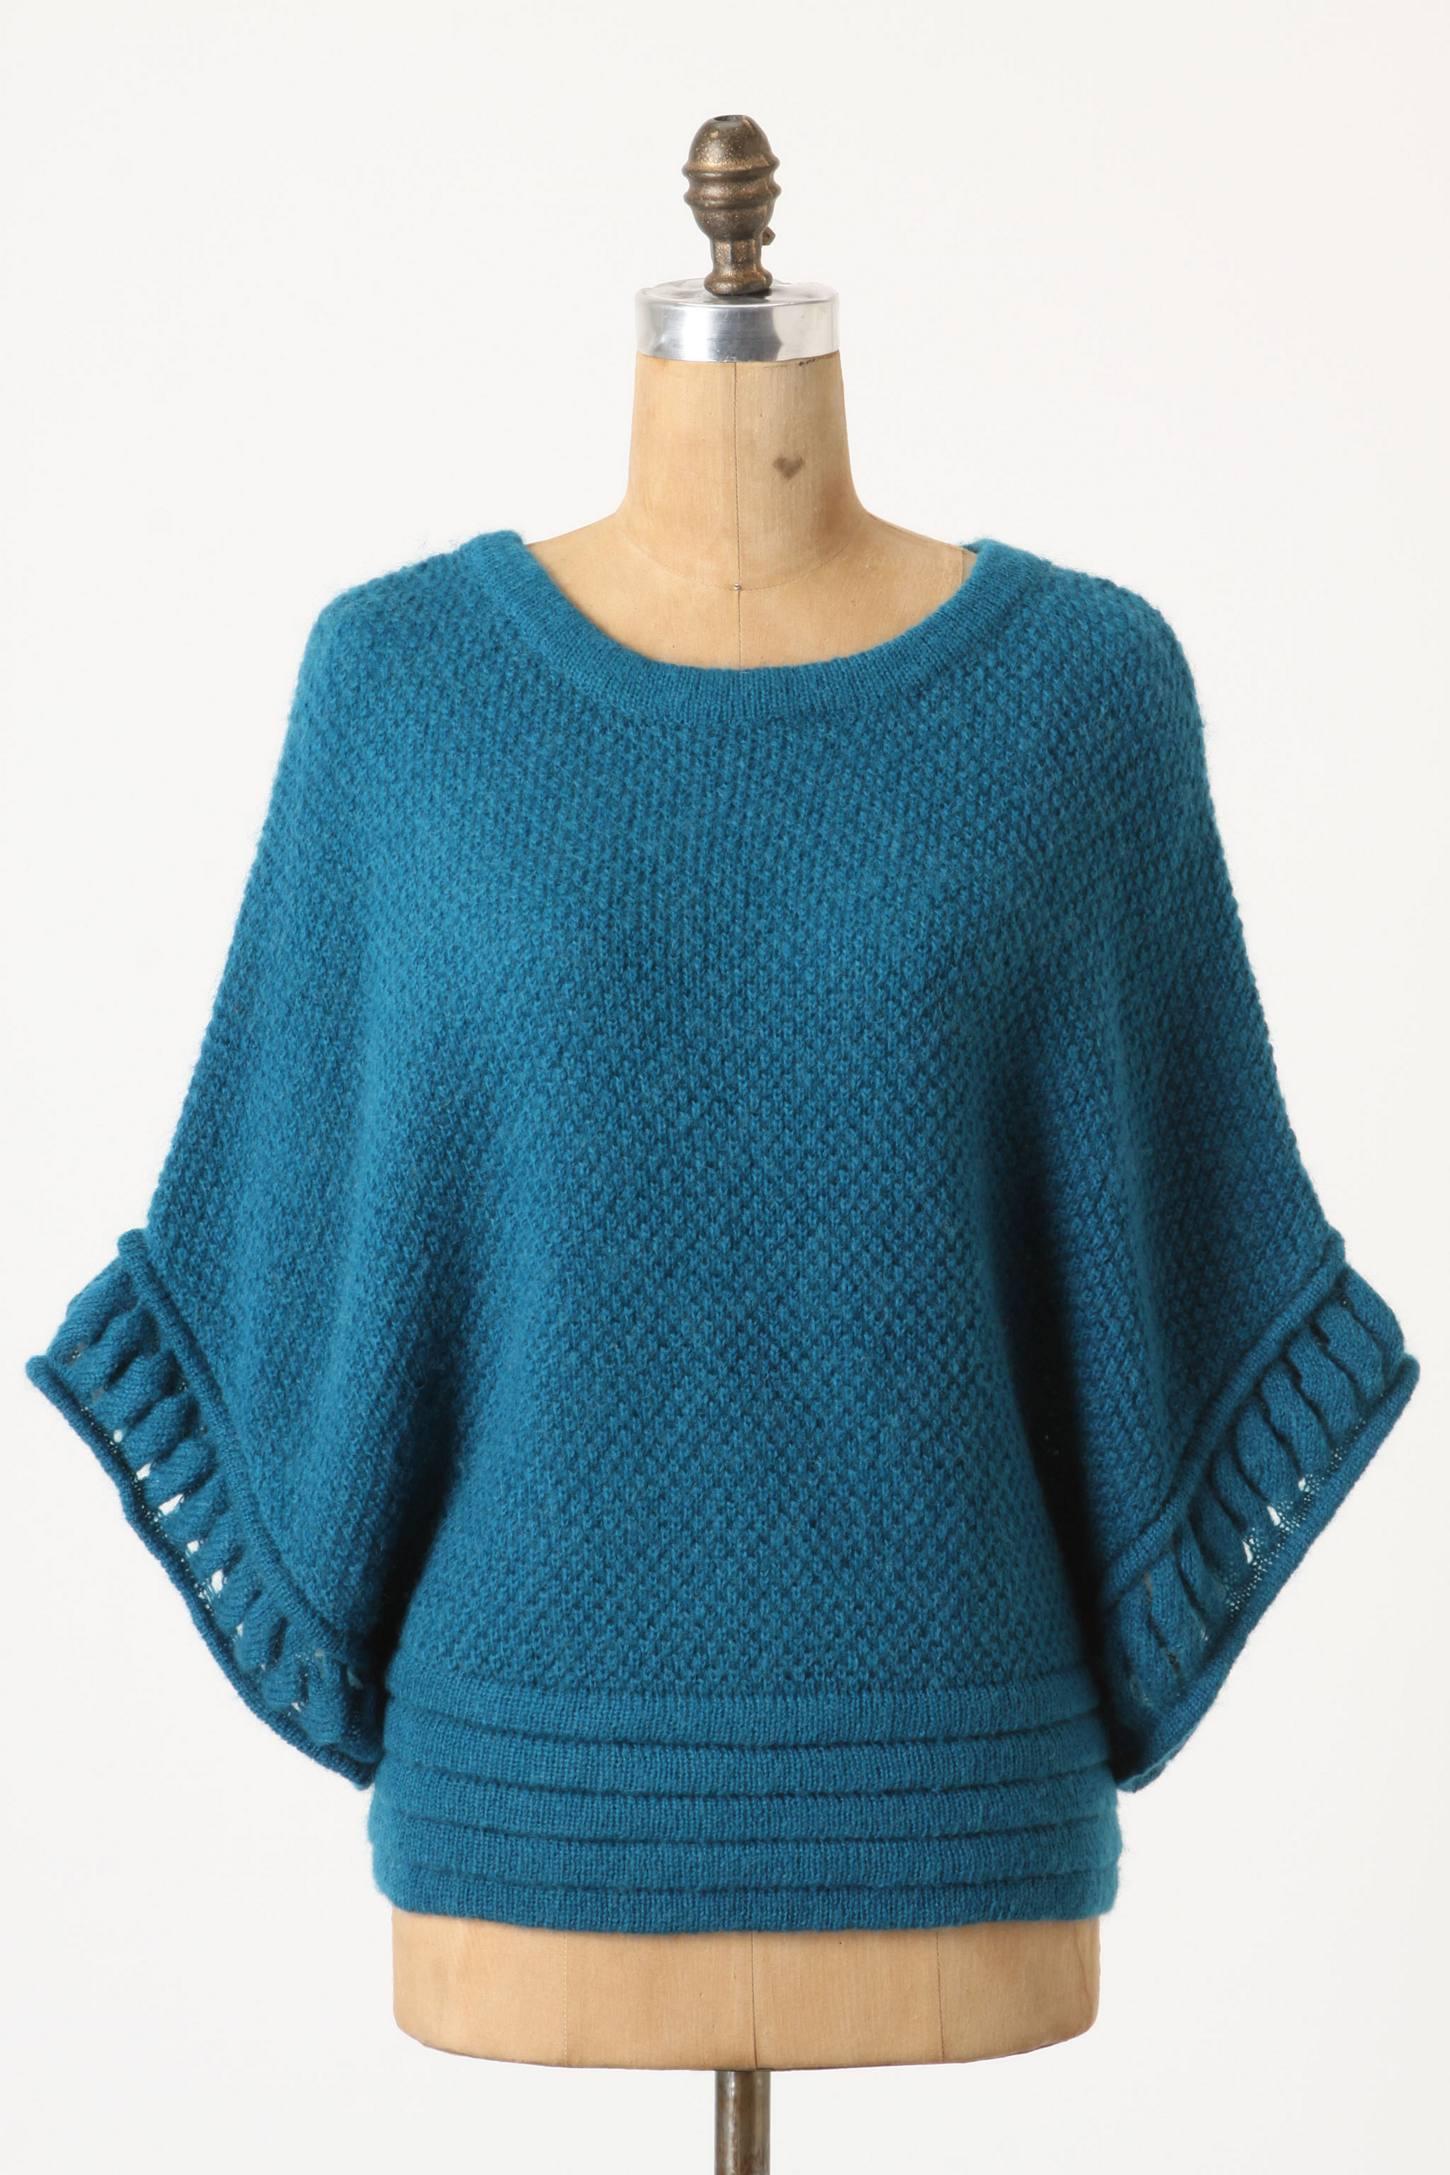 Асимметричный свитер спицами японских дизайнеров